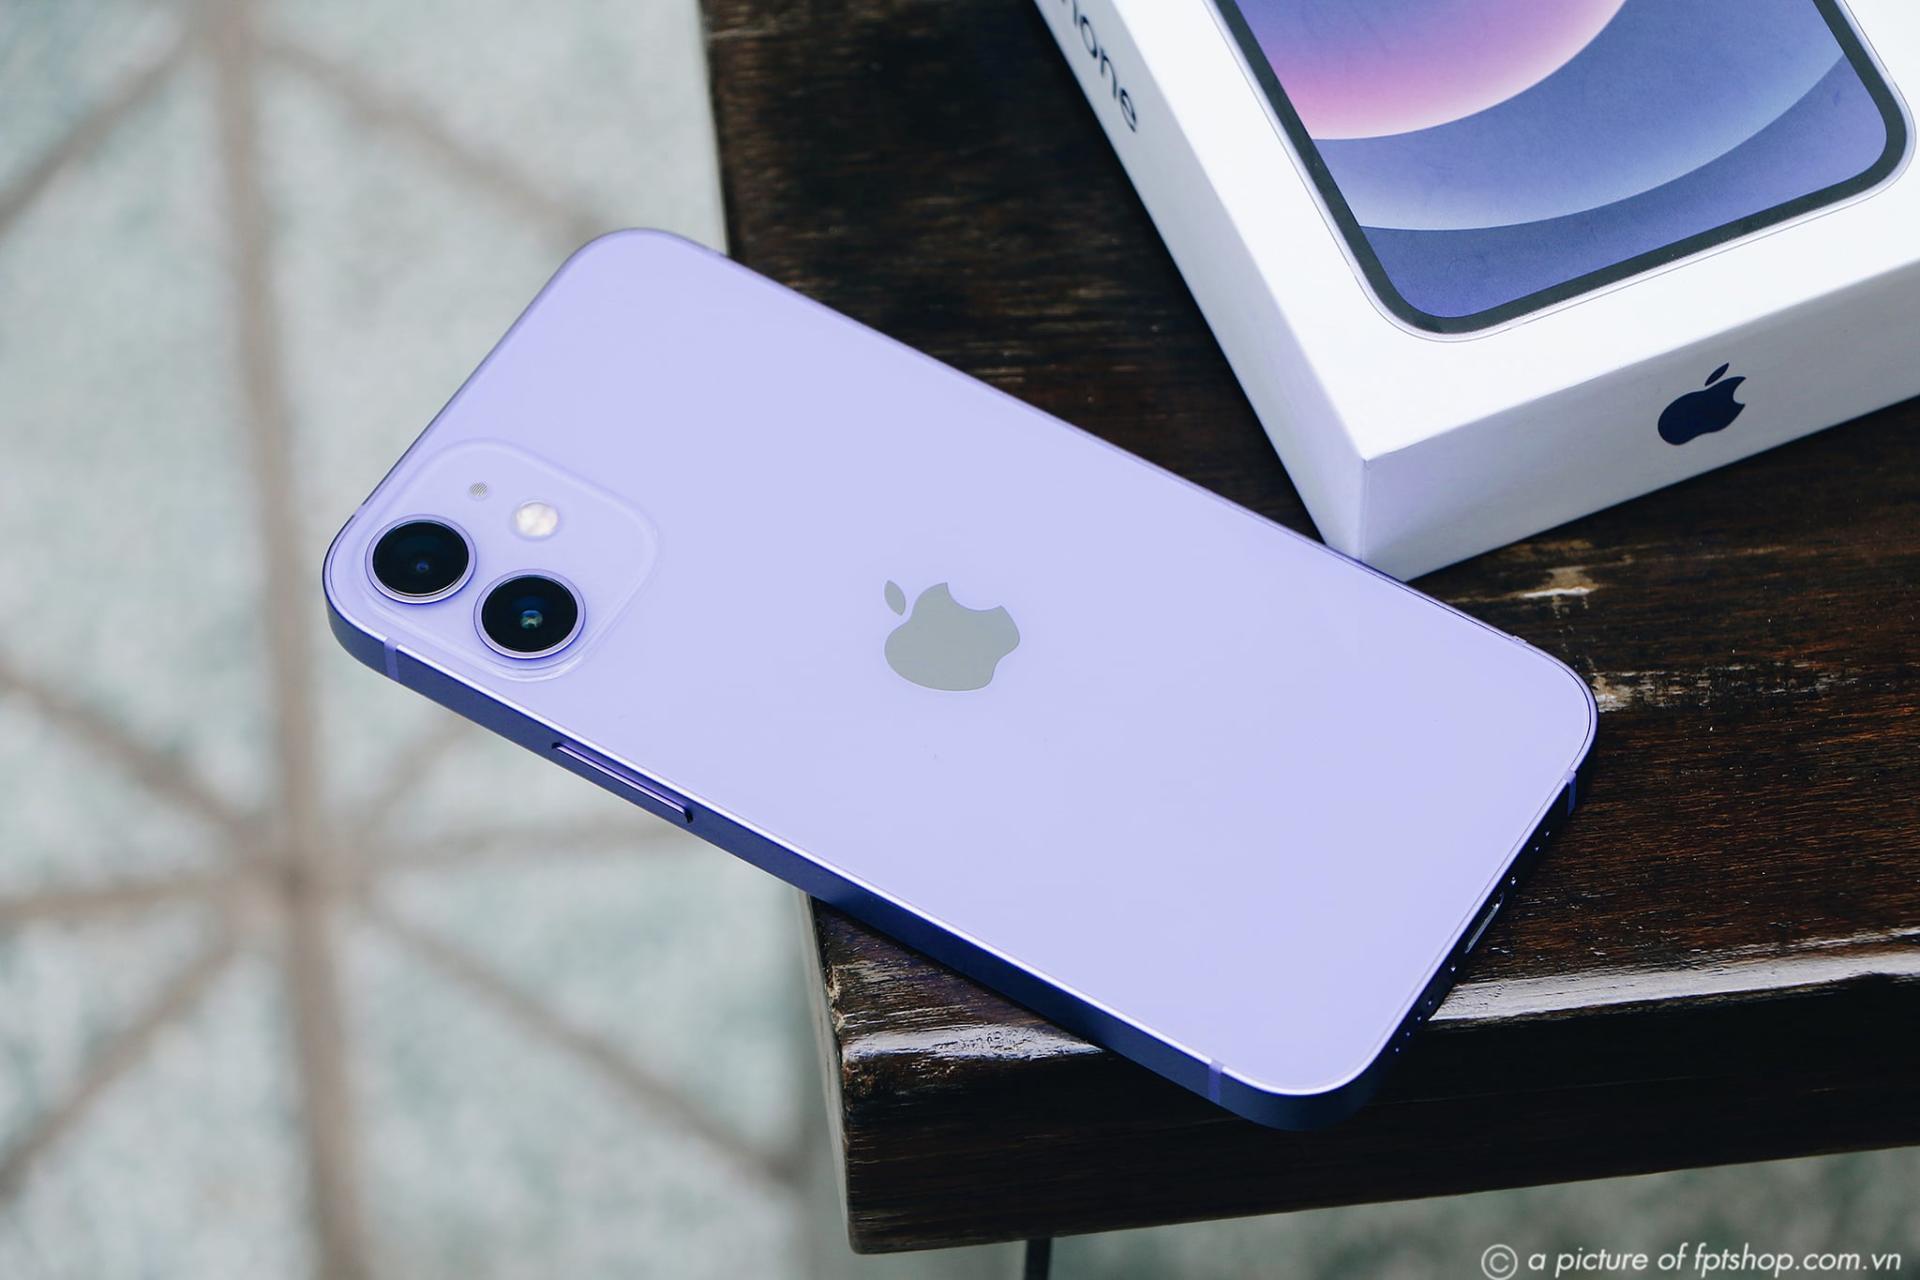 FPT Shop giảm đến 3 triệu đồng giá bán iPhone 11, iPhone 12 và 12 mini